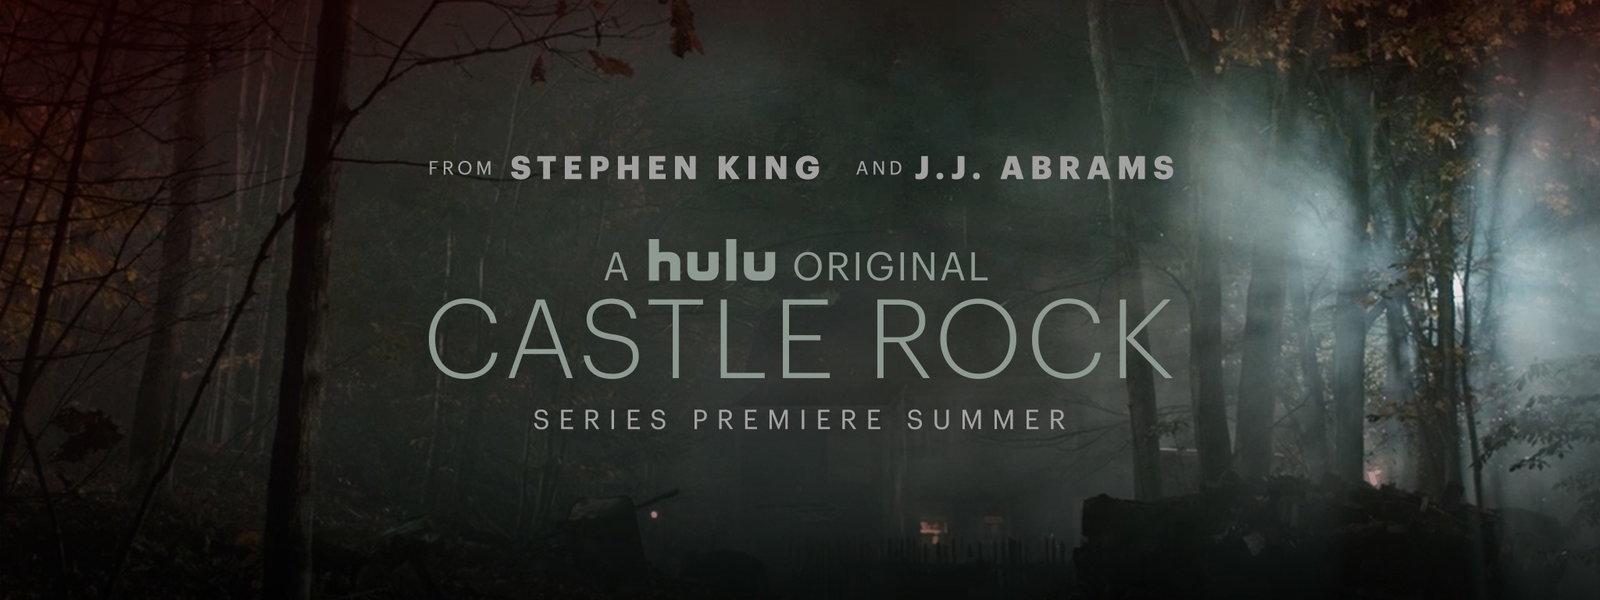 'Castle Rock' ya tiene poster y trailer - Radio Cantilo